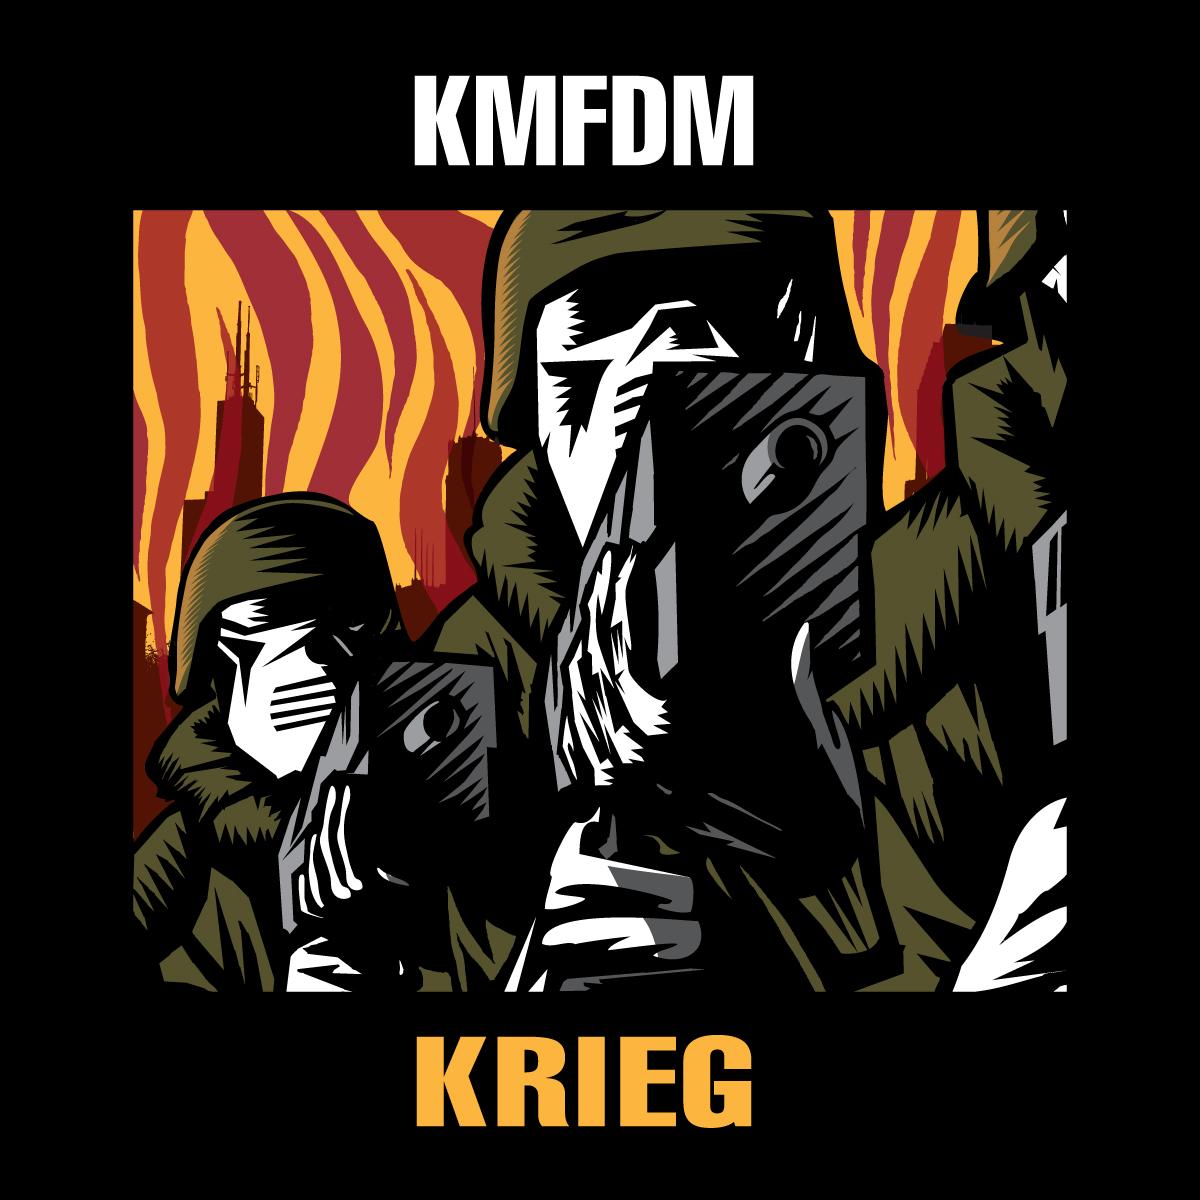 krieg_cover_print